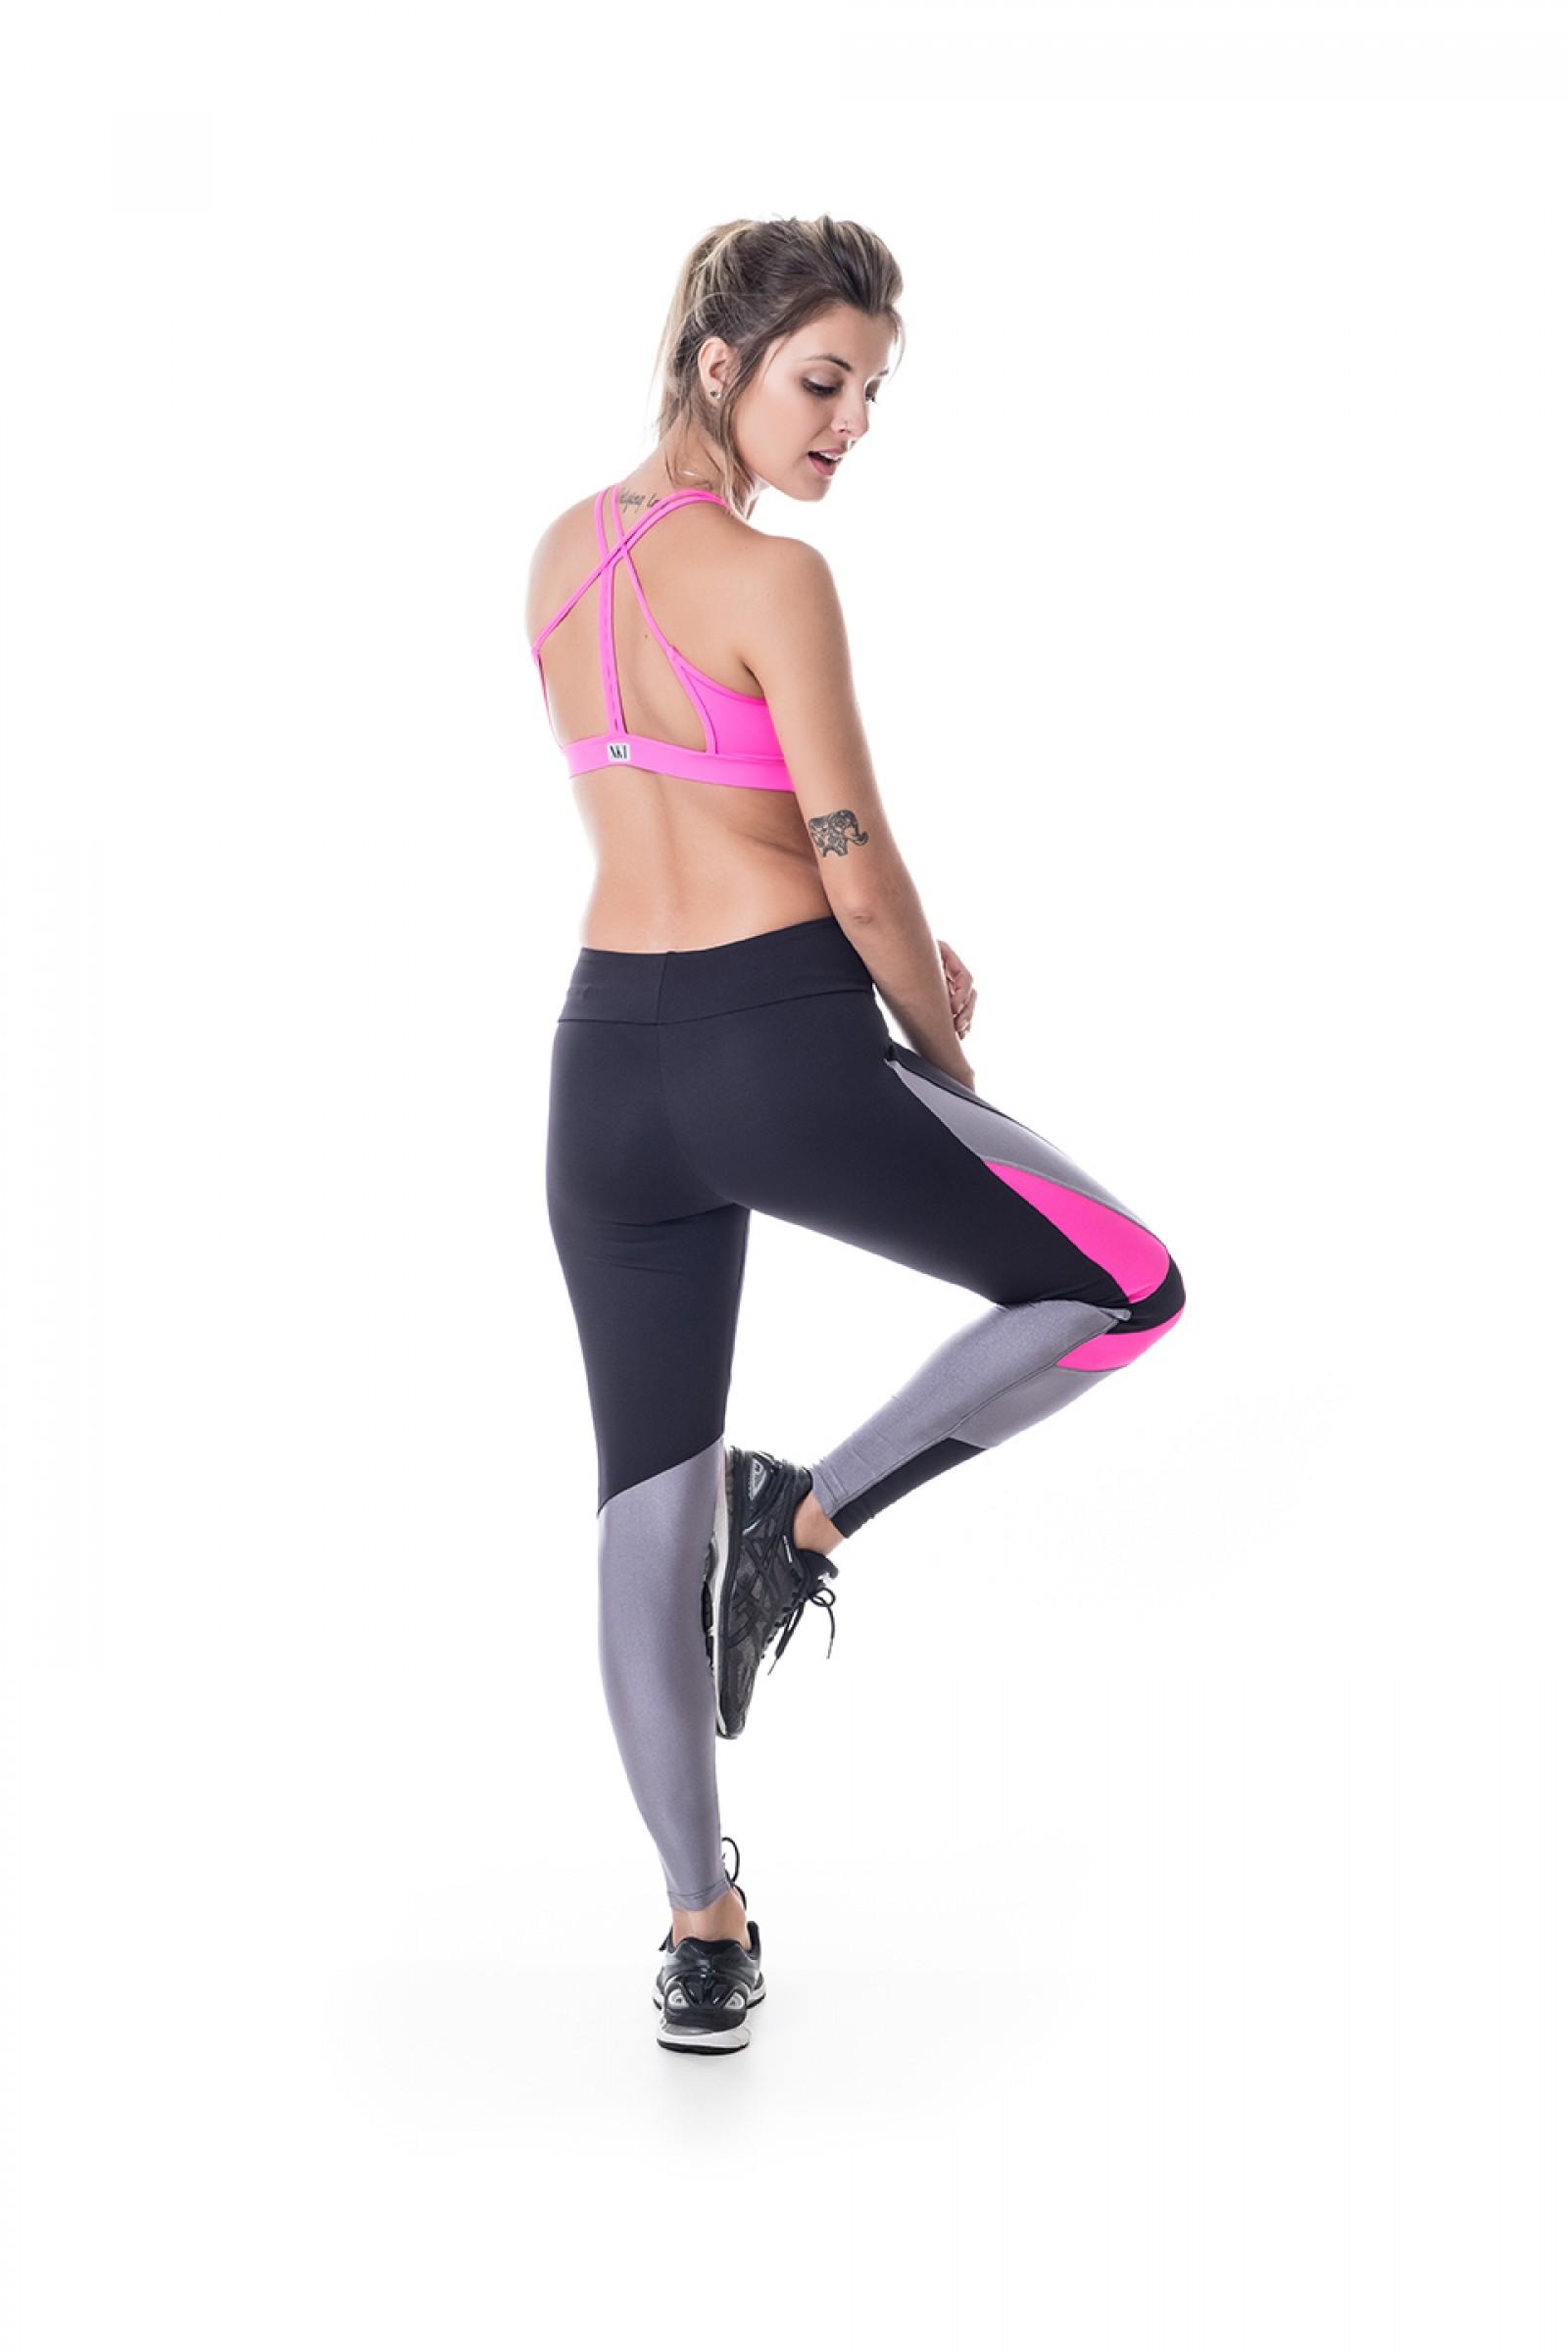 Legging Bring Pink, Coleção Challenge - NKT Fitwear Moda Fitness